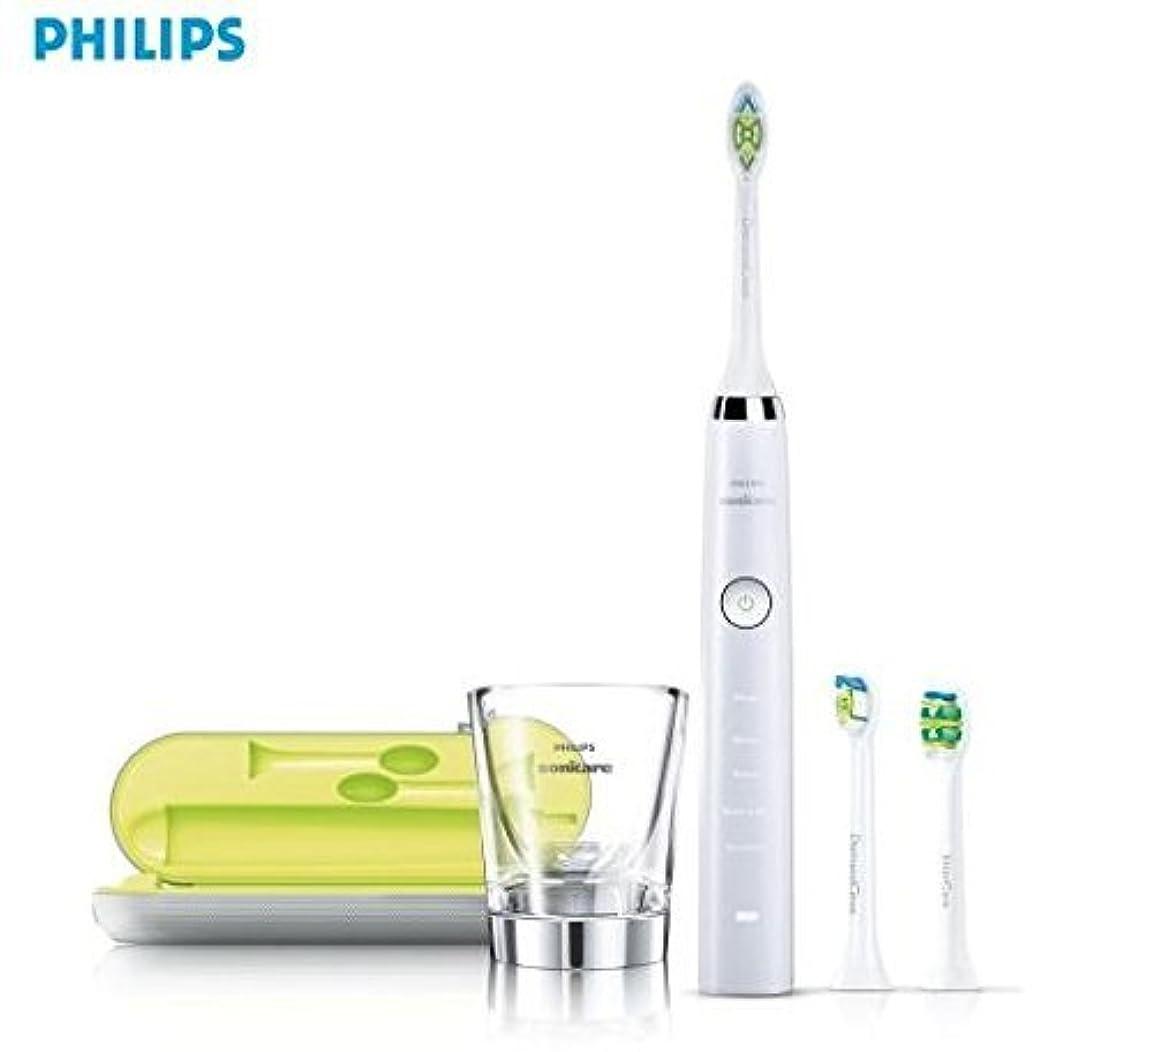 動揺させる家主ダイエットソニッケアー 電動歯ブラシ(ホワイト)PHILIPS sonicare ダイヤモンドクリーン HX9335/05